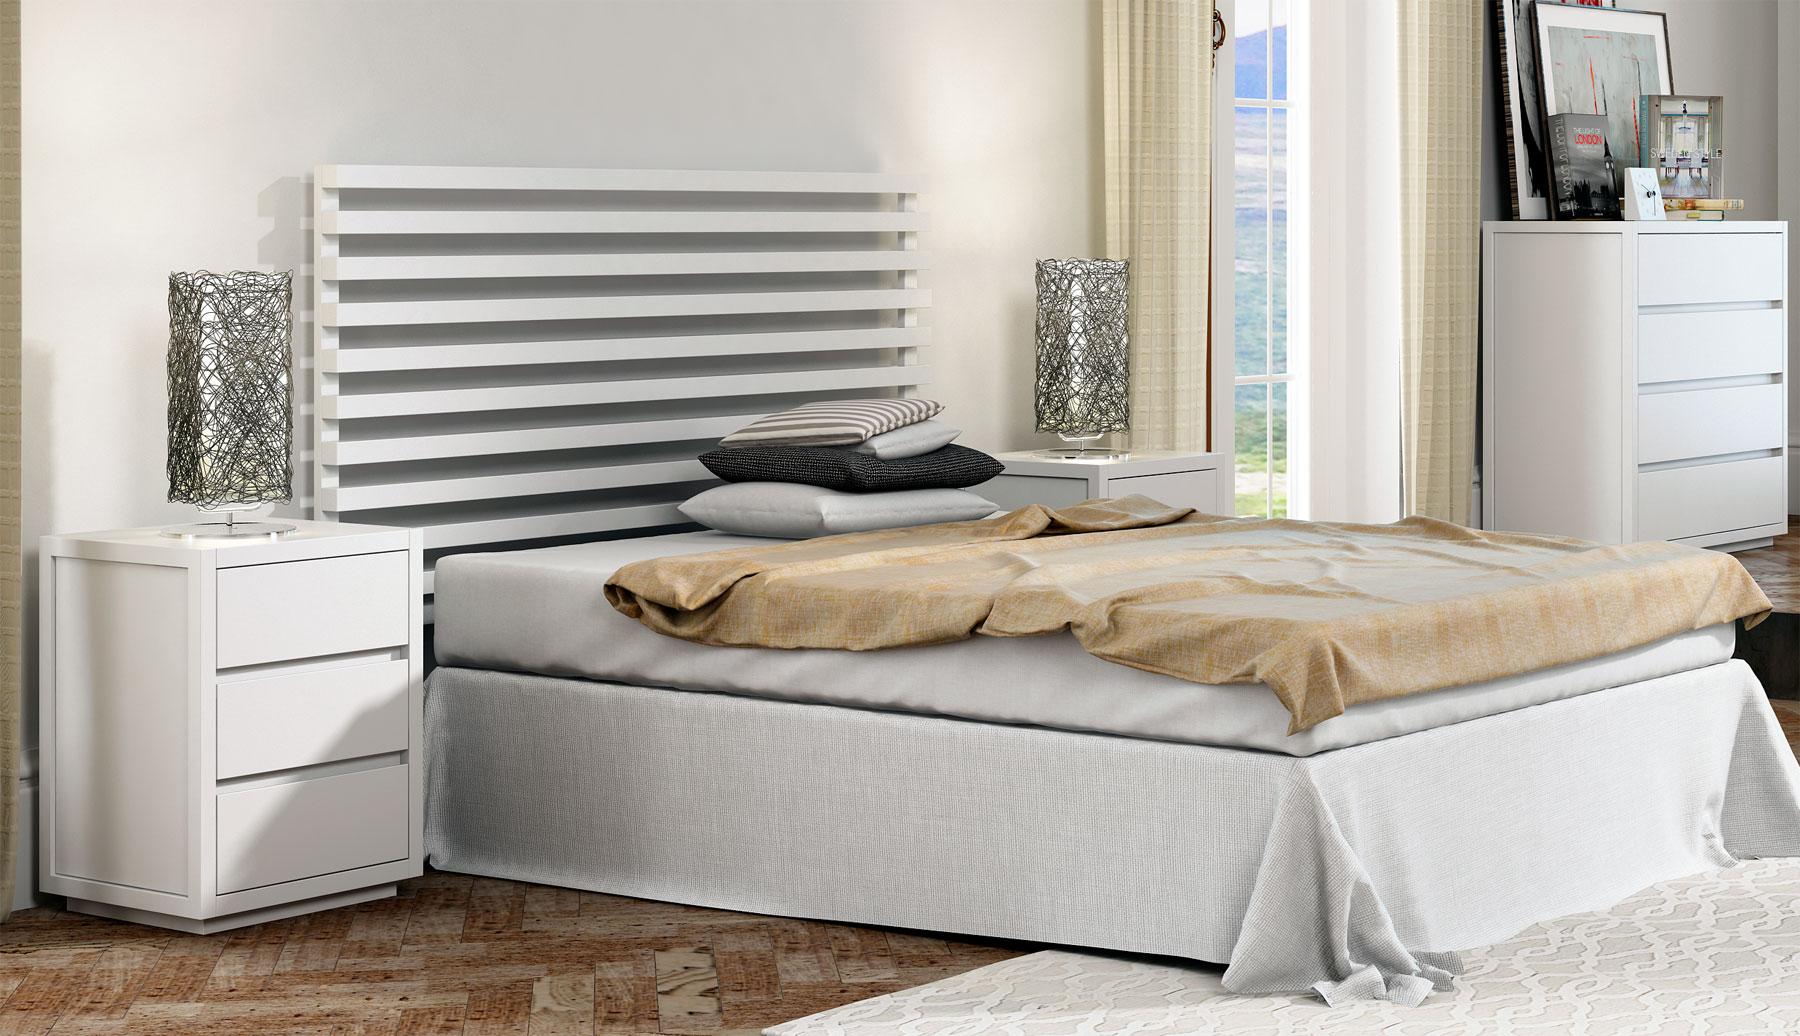 Muebles Romero El Ejido Muebles Para Televisin Mil Ideas De  # Muebles Romero El Ejido